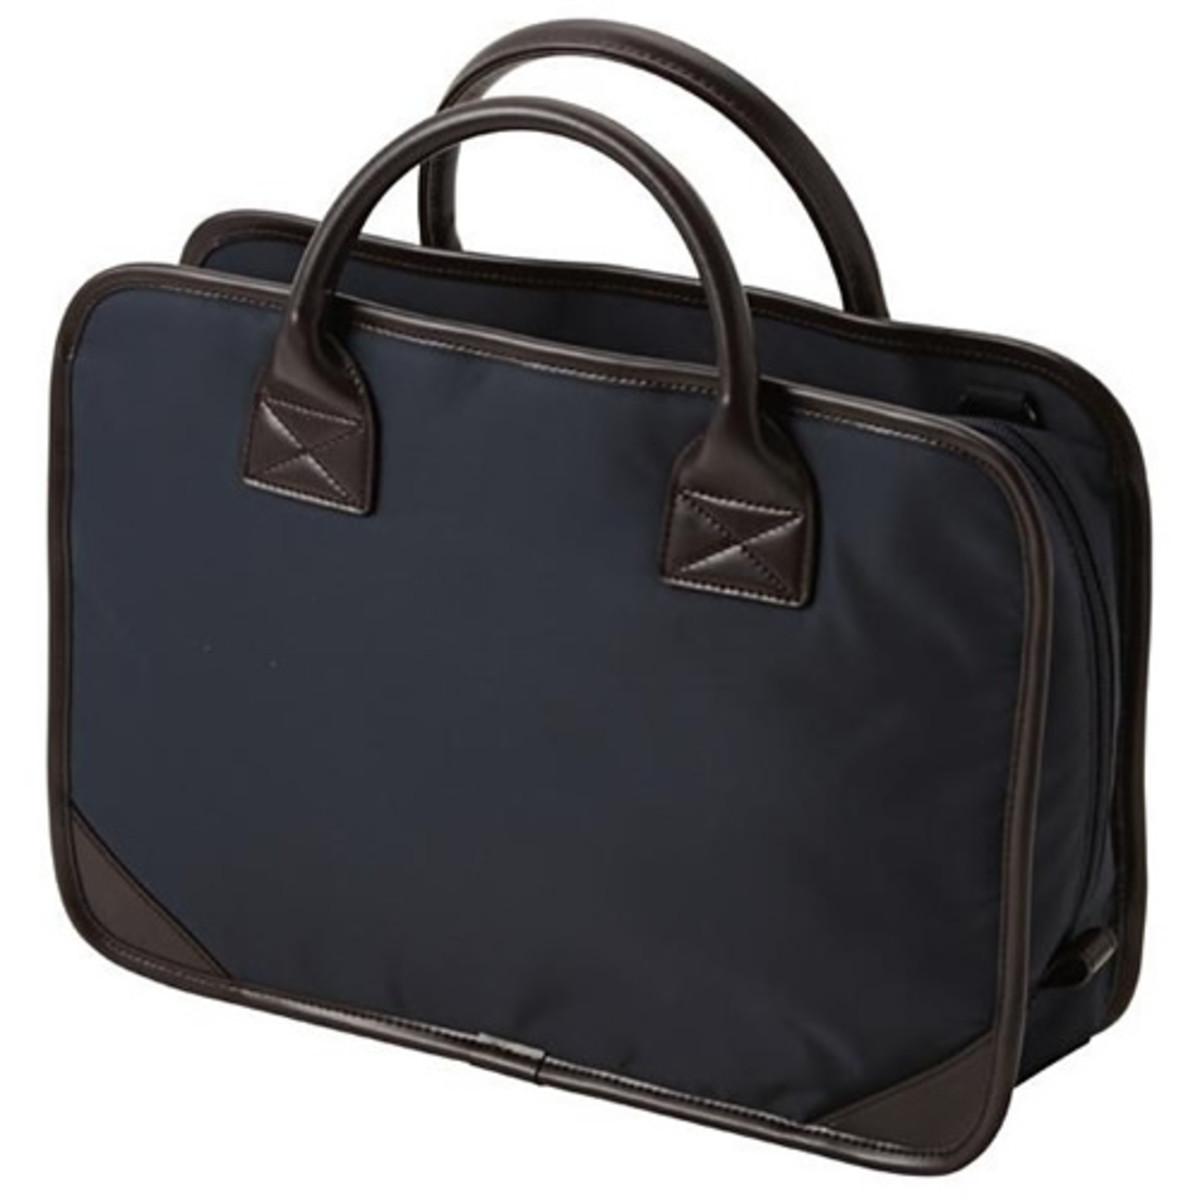 Muji Document Bag Acquire